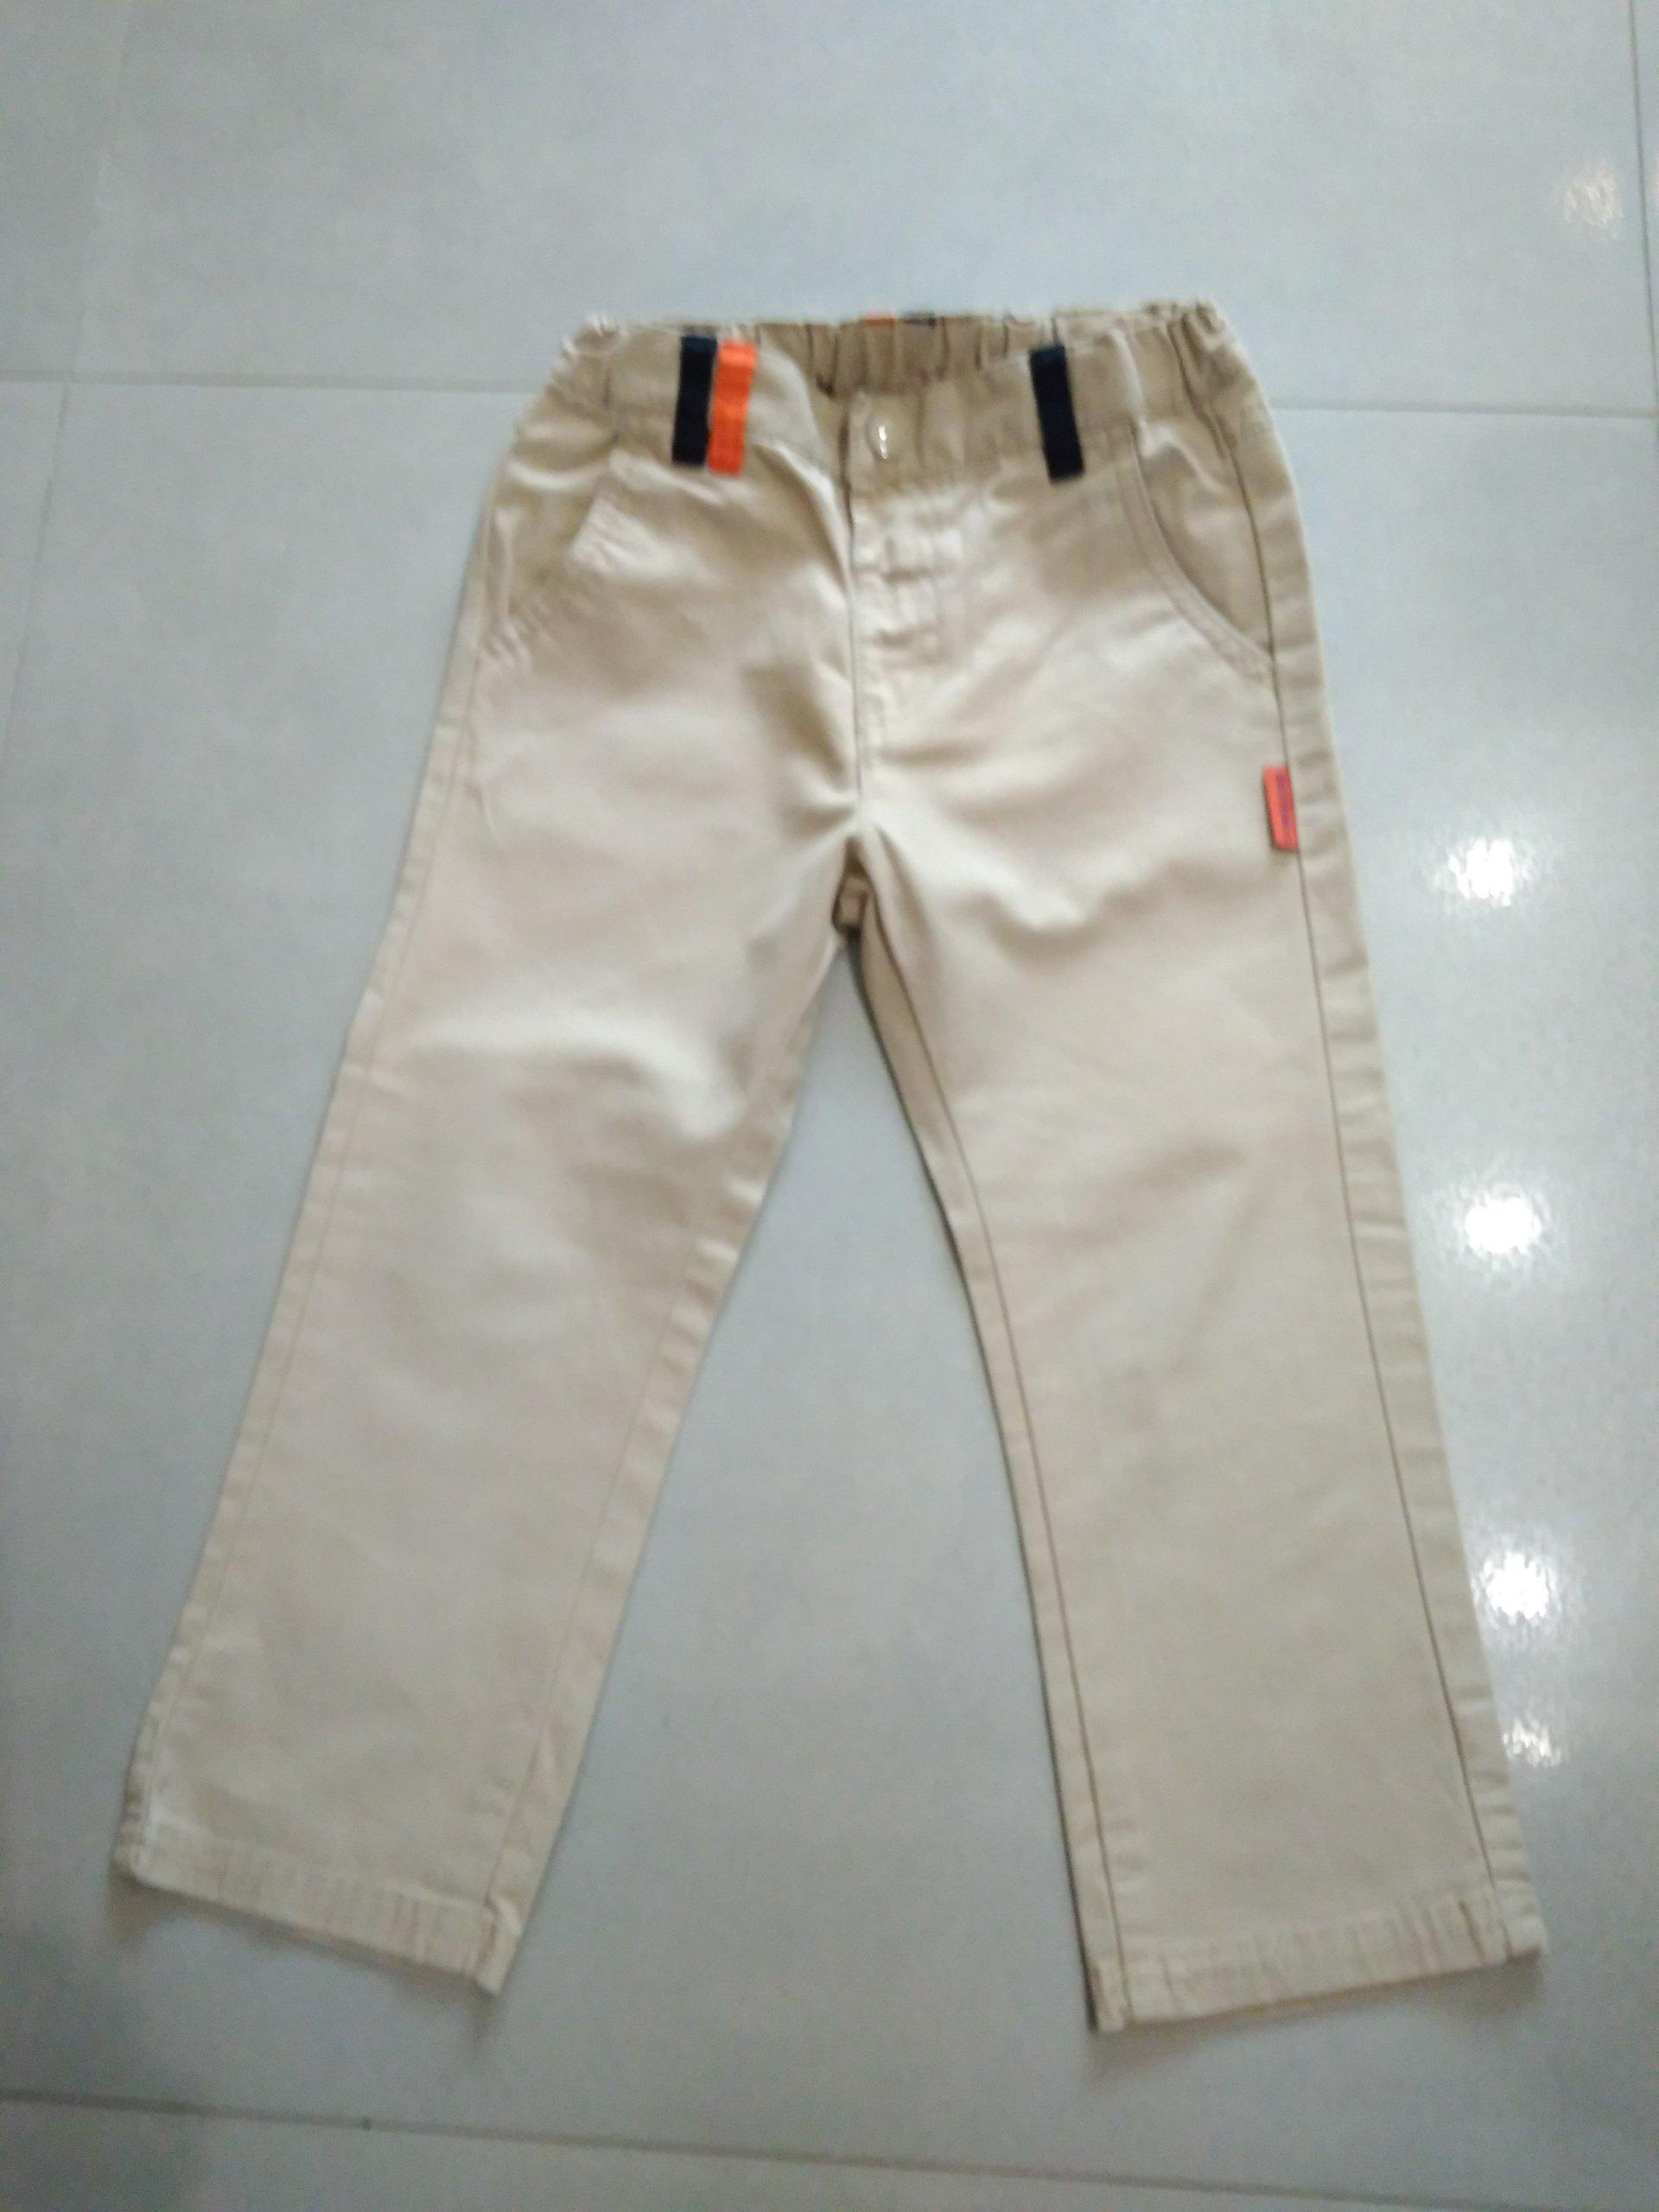 7a92f650b1993 Spodnie COCCODRILLO chłopiec rozm 98 - 7123591494 - oficjalne archiwum  allegro